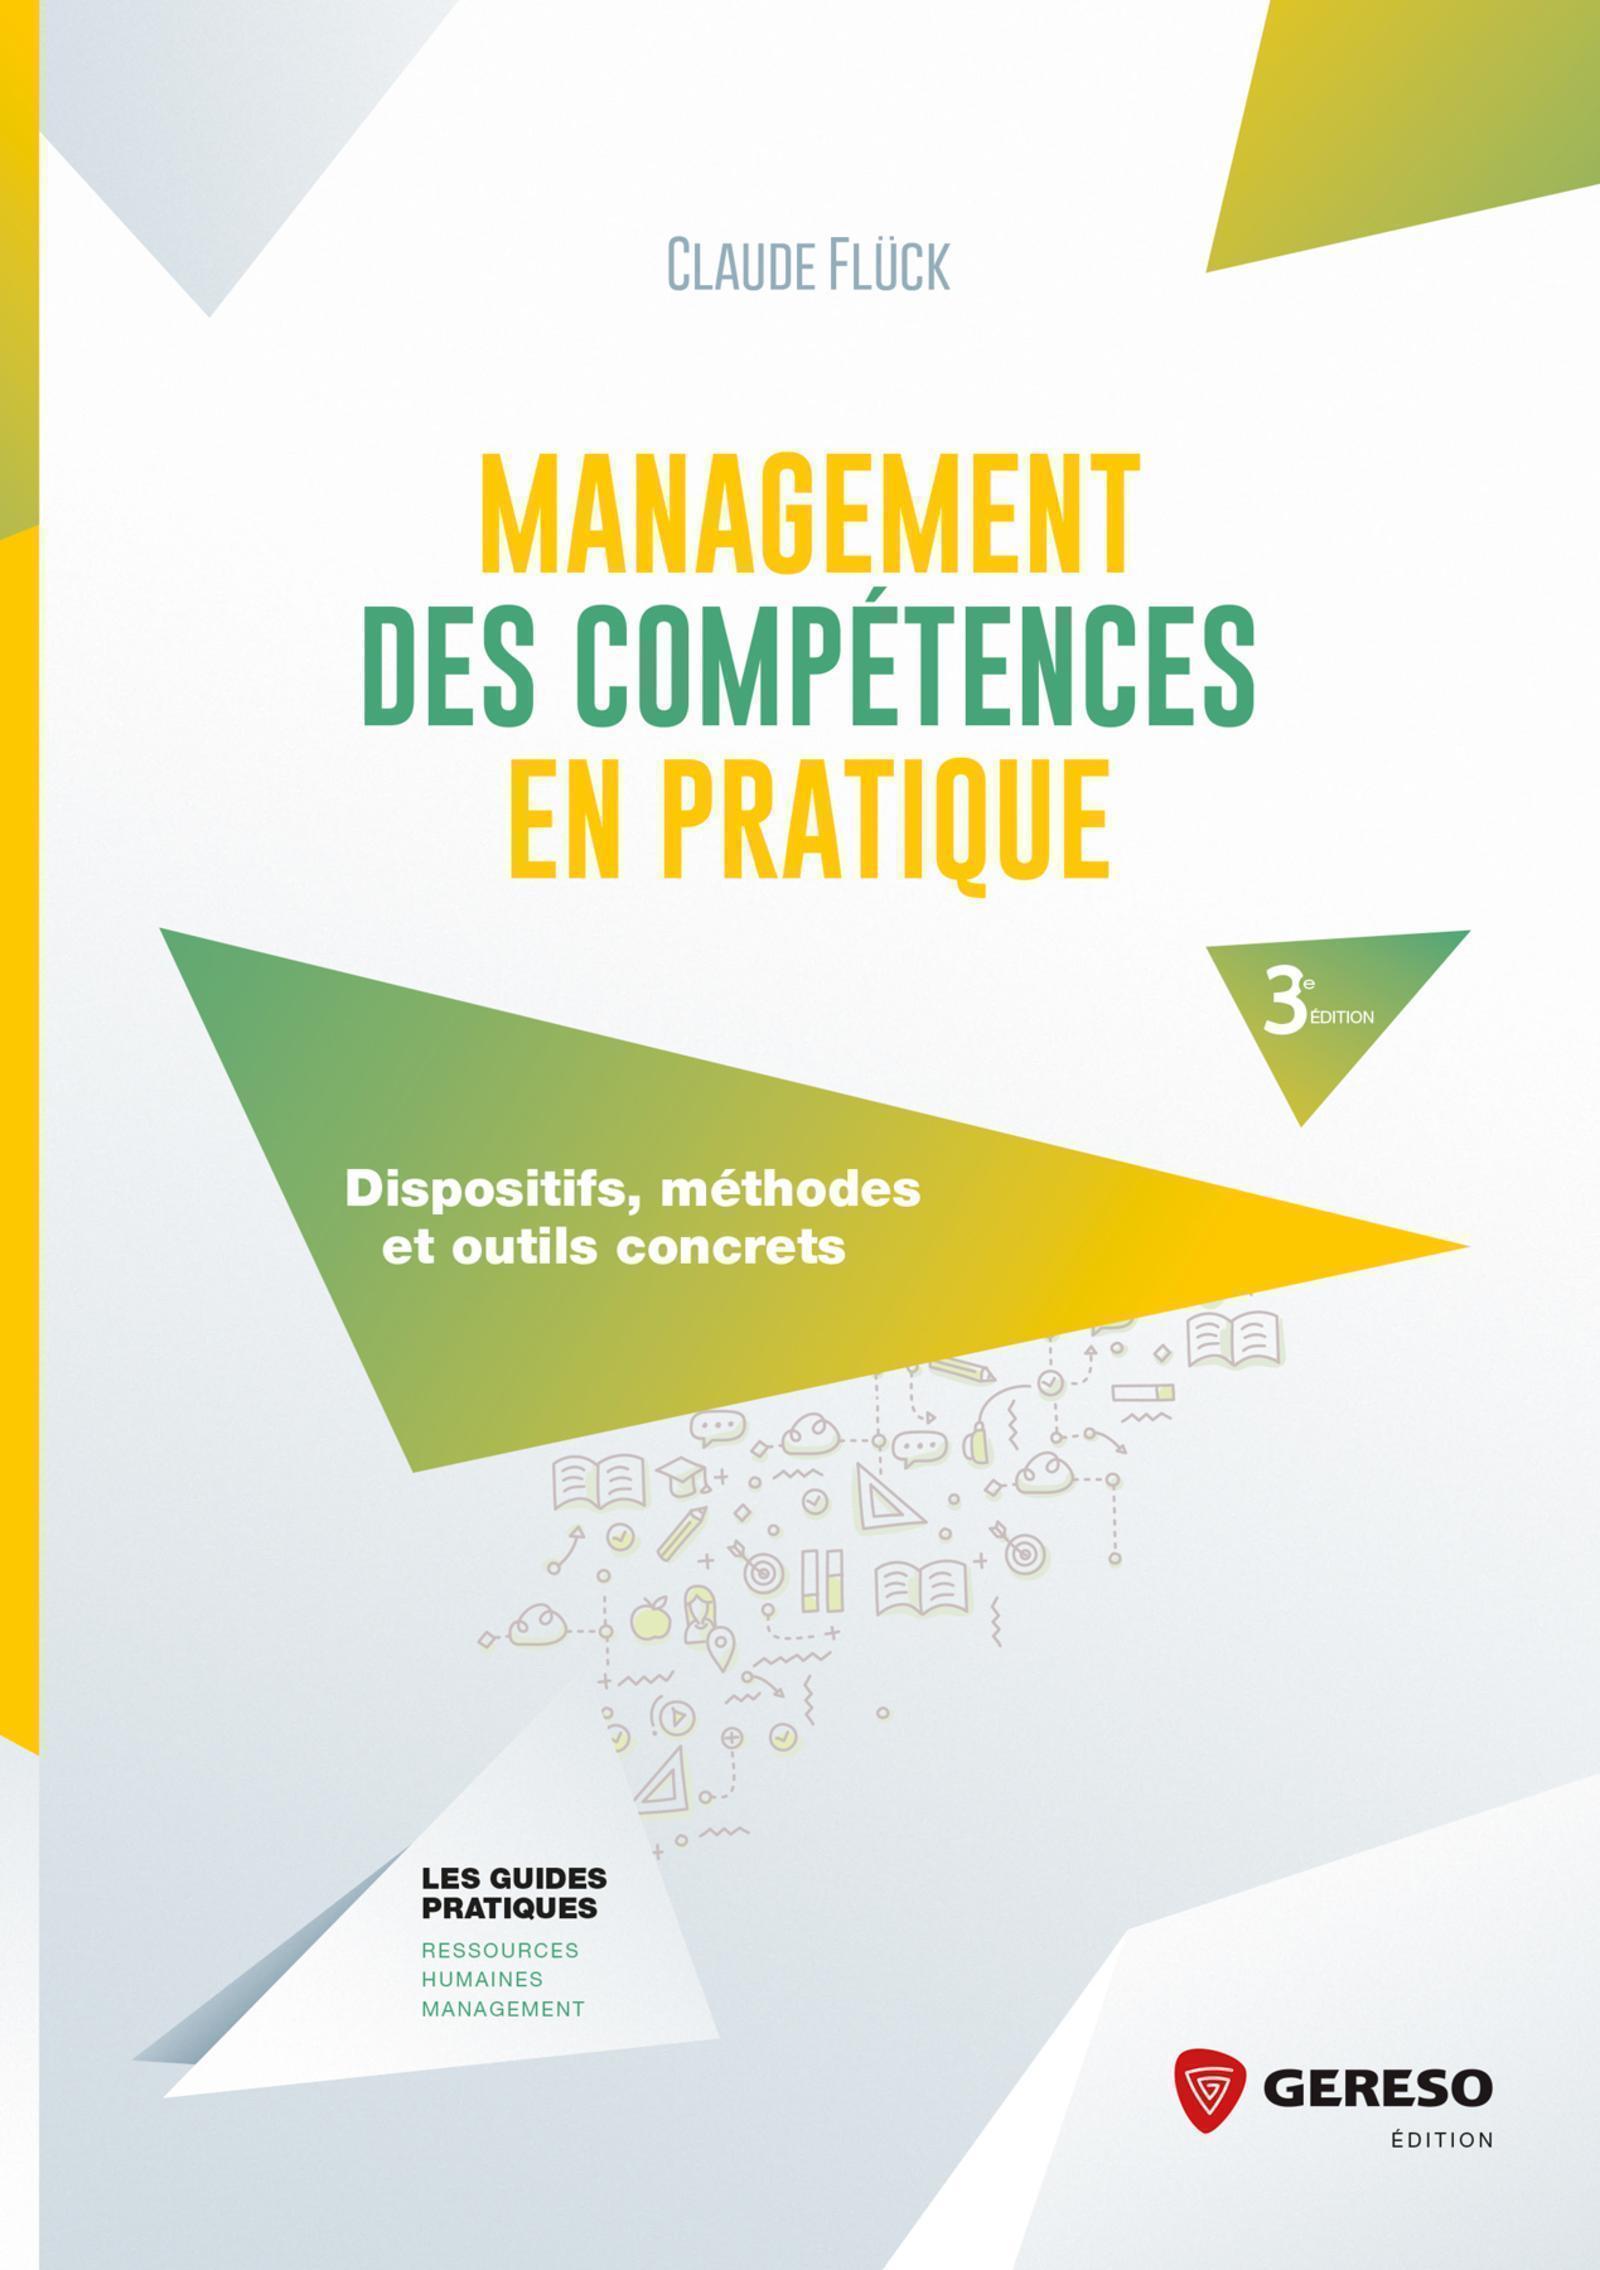 MANAGEMENT DES COMPETENCES EN PRATIQUE - DISPOSITIFS, METHODES ET OUTILS CONCRETS